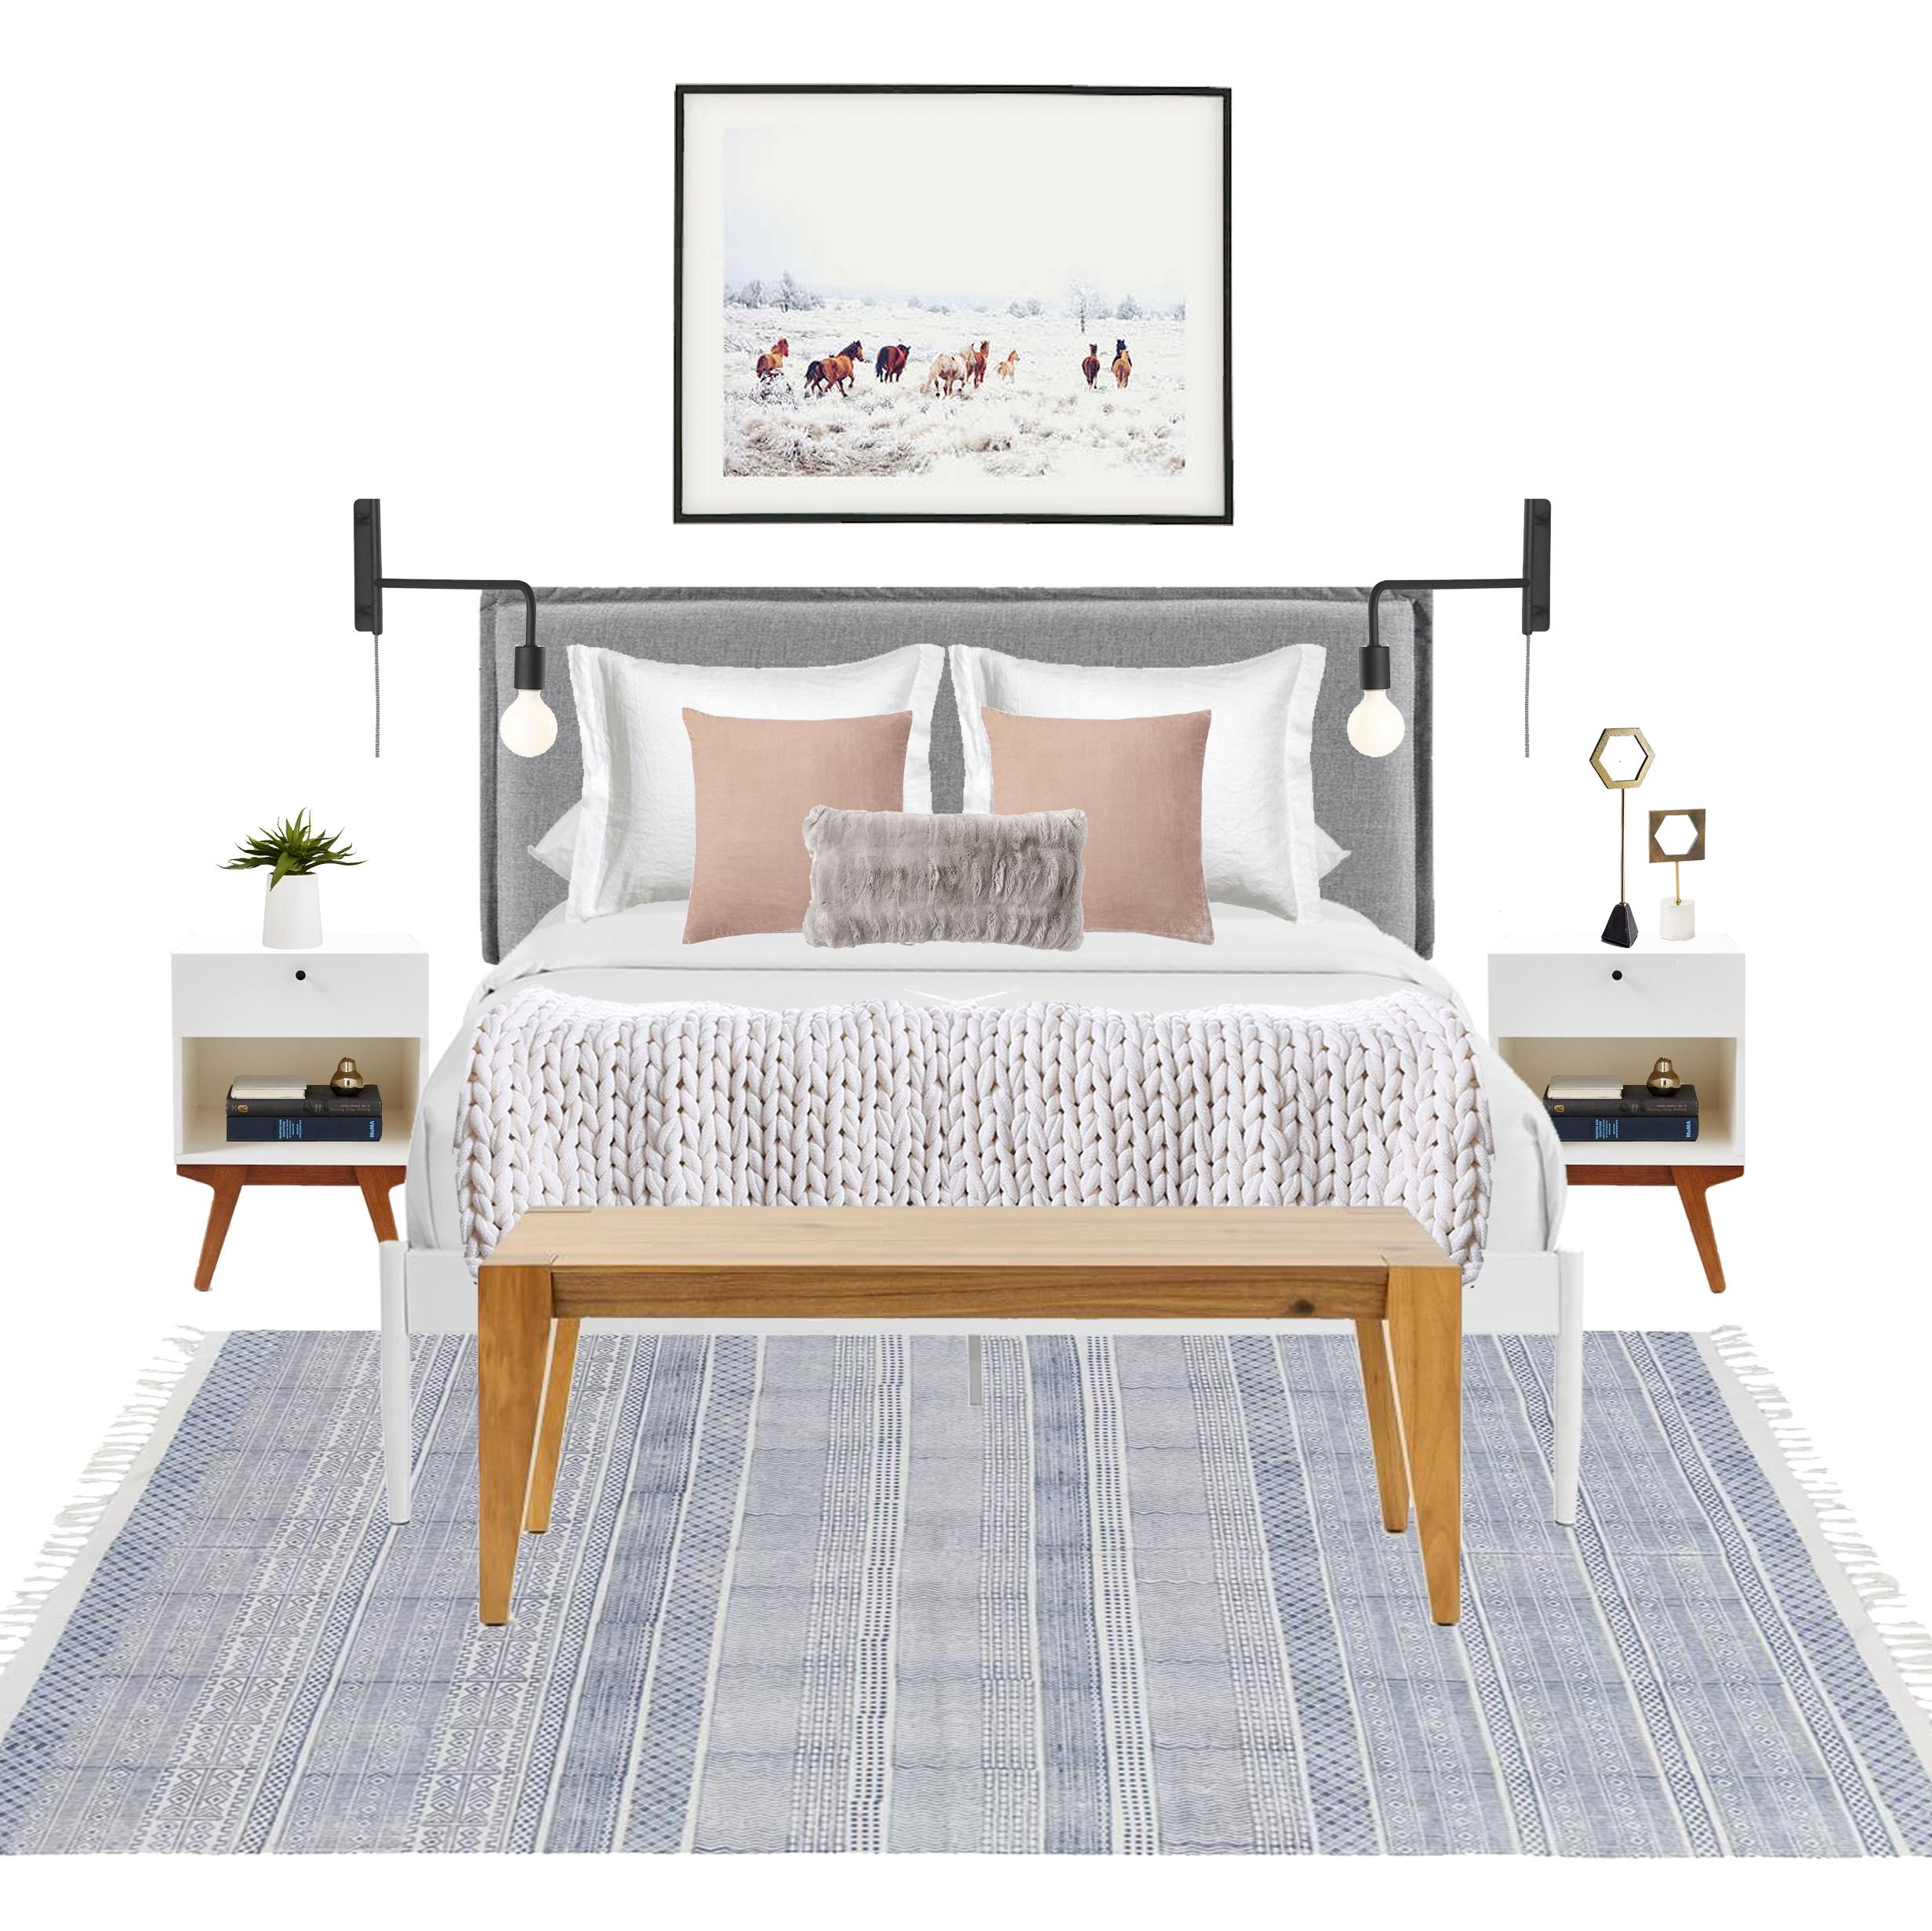 Minimalist-Scandinavian-Bedroom-IG.jpg